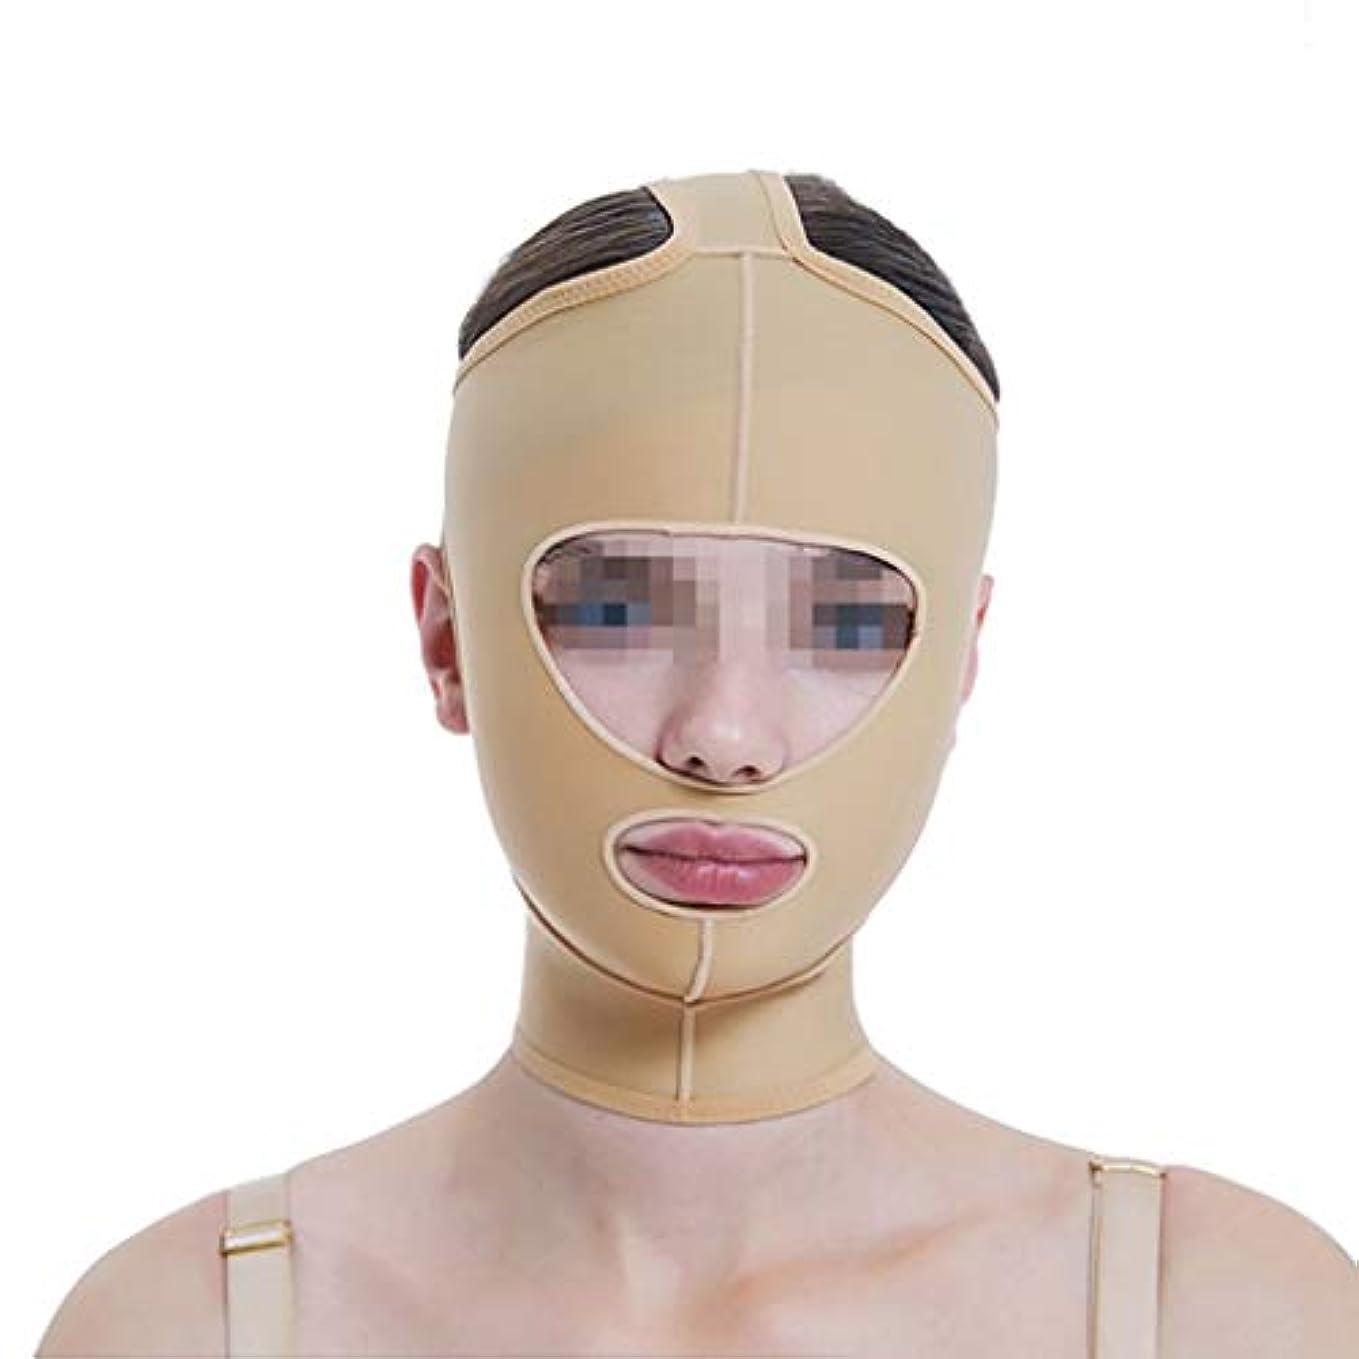 スイング毎年利用可能フェイスリフトマスク、ラインカービングフェイスエラスティックセットシンダブルチンVフェイスビーム、マルチサイズオプション (Size : M)